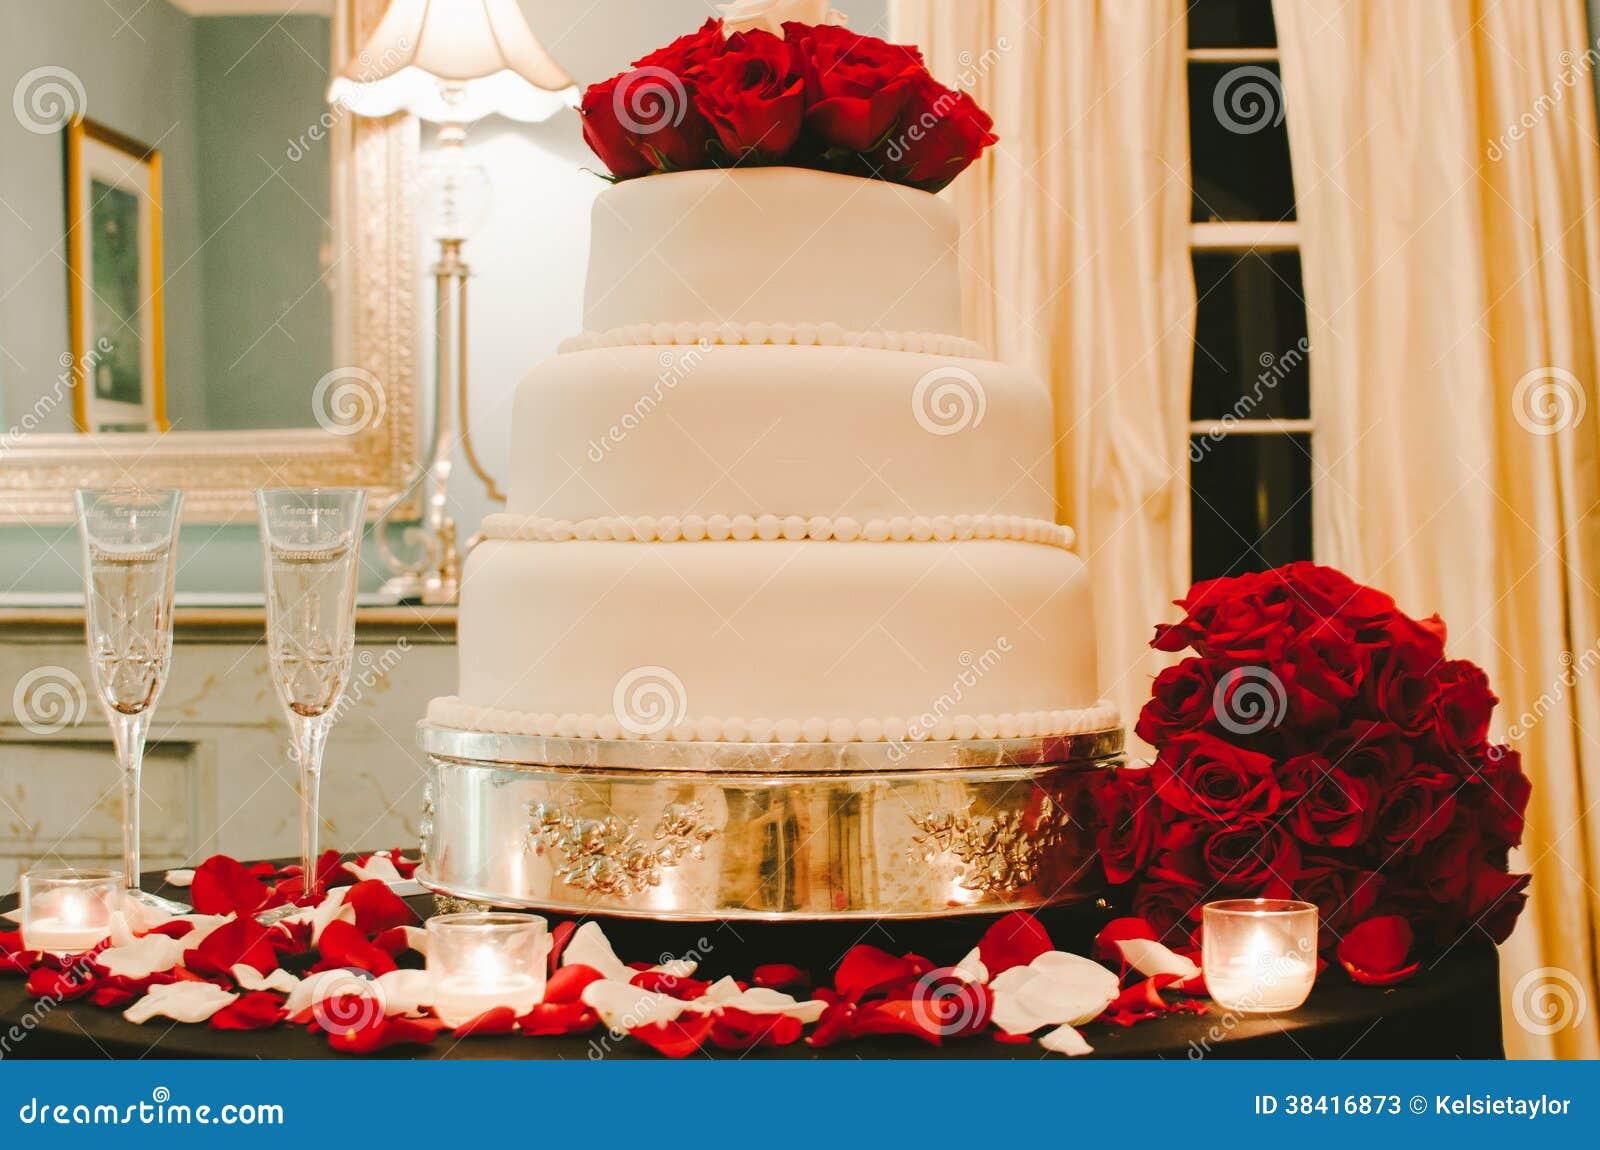 Weisse Hochzeitstorte Mit Roten Rosen Stockbild Bild Von Kerzen